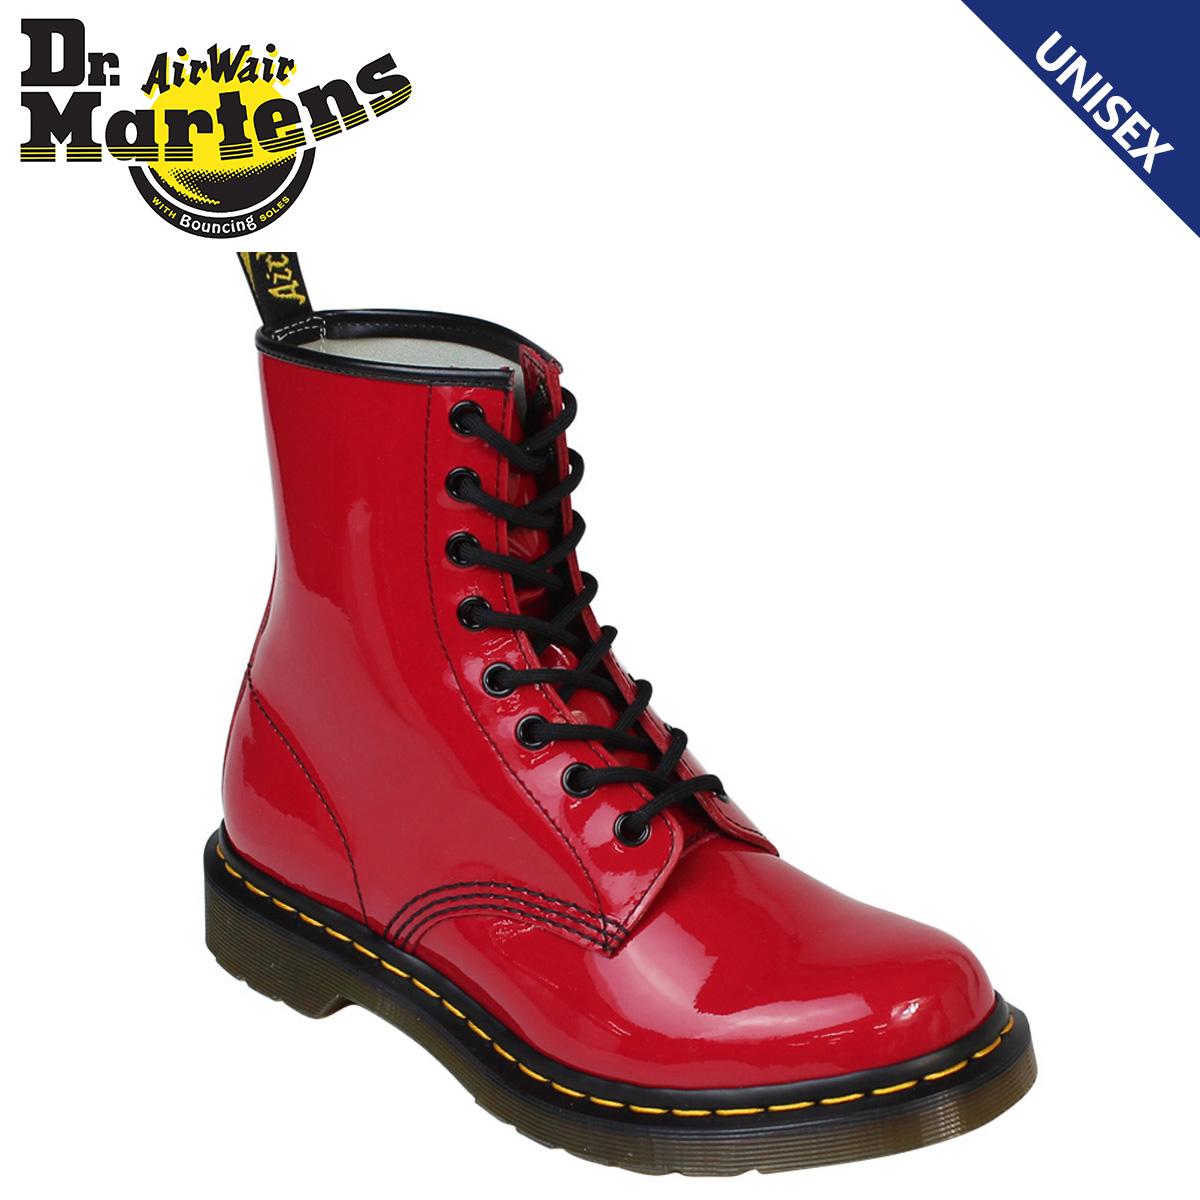 【最大2000円OFFクーポン】 ドクターマーチン 8ホール 1460 レディース Dr.Martens ブーツ WOMENS 8EYE BOOT R11821606 メンズ